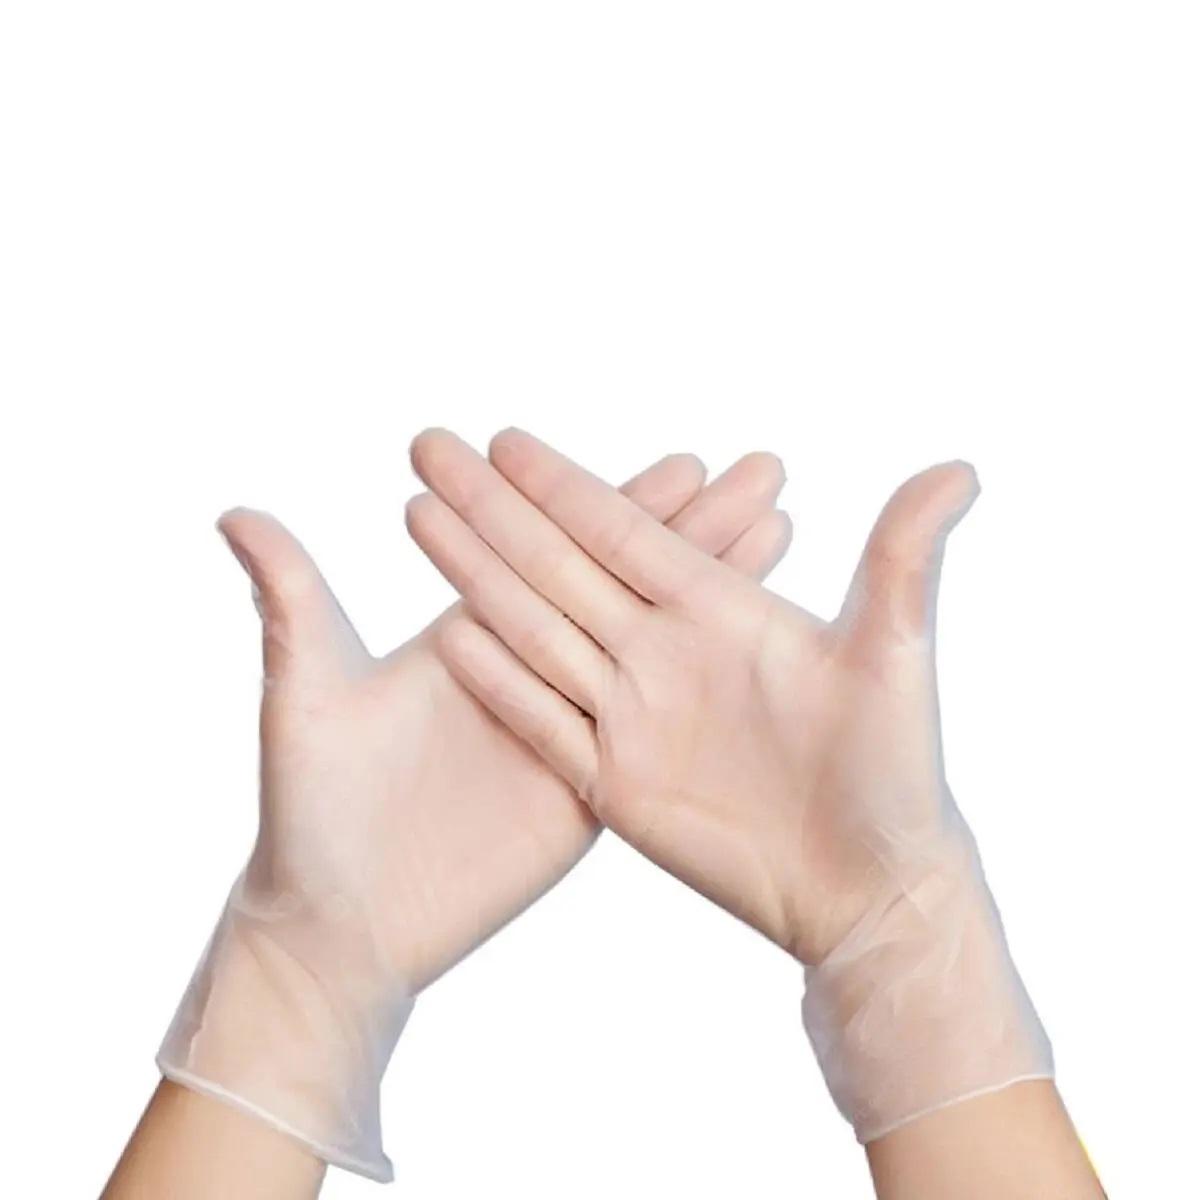 100pcs INTCO gants de protection contre les virus en PVC jetables ultra-doux sans latex sans DOP niveau de qualité alimentaire pour la cuisson peinture travaux ménagers taille M - transparent